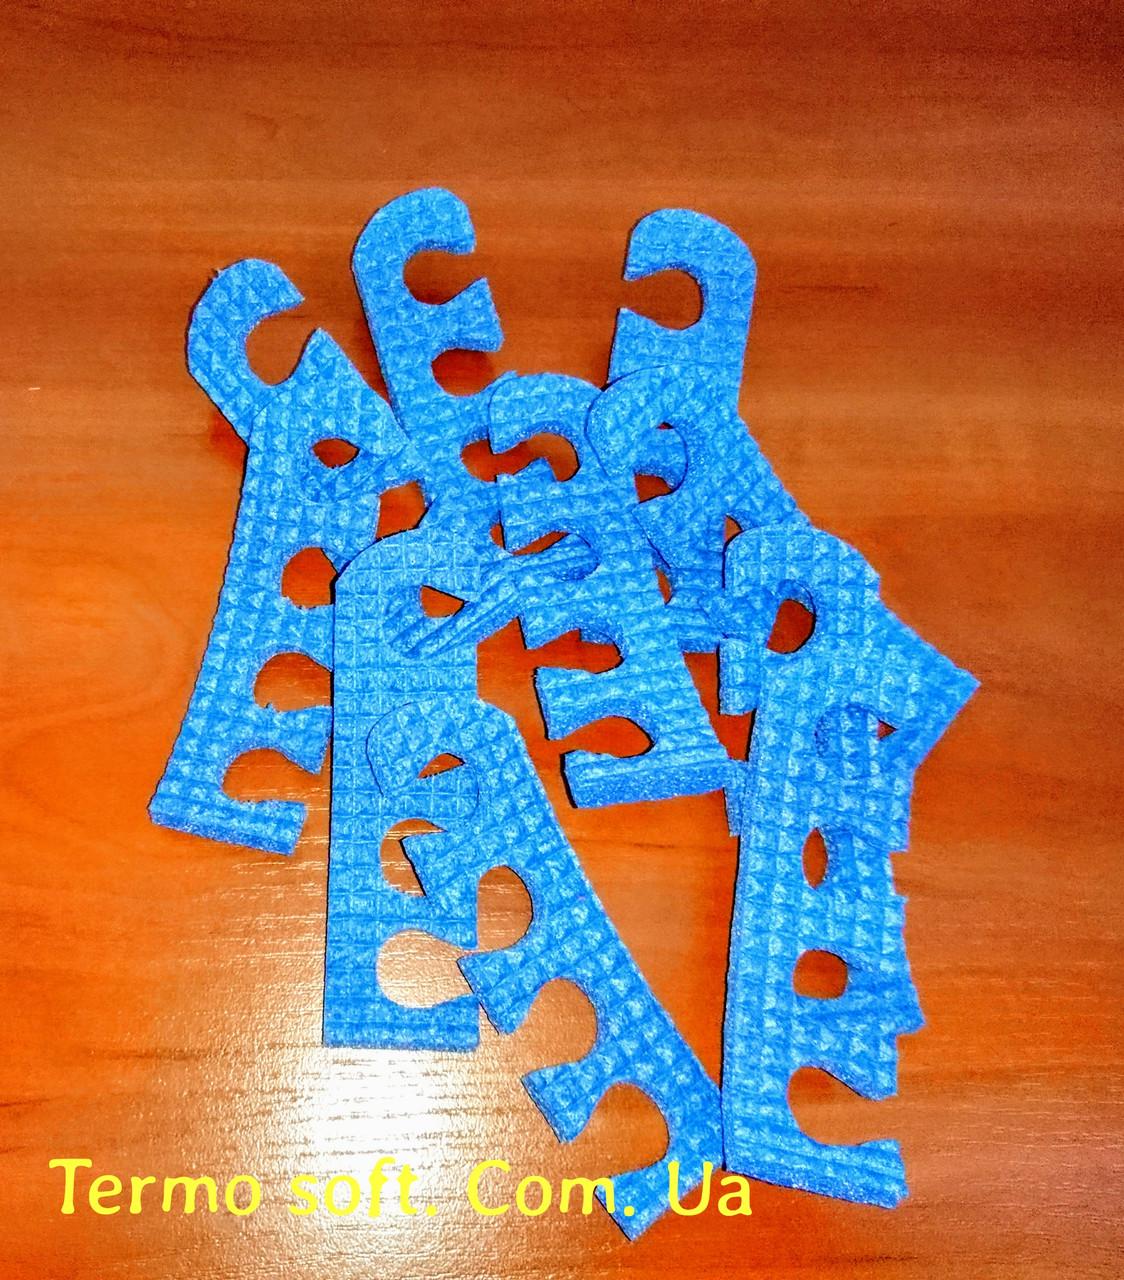 Растопырки для педикюра, разделители для пальцев ног при педикюре.СИНИЕ